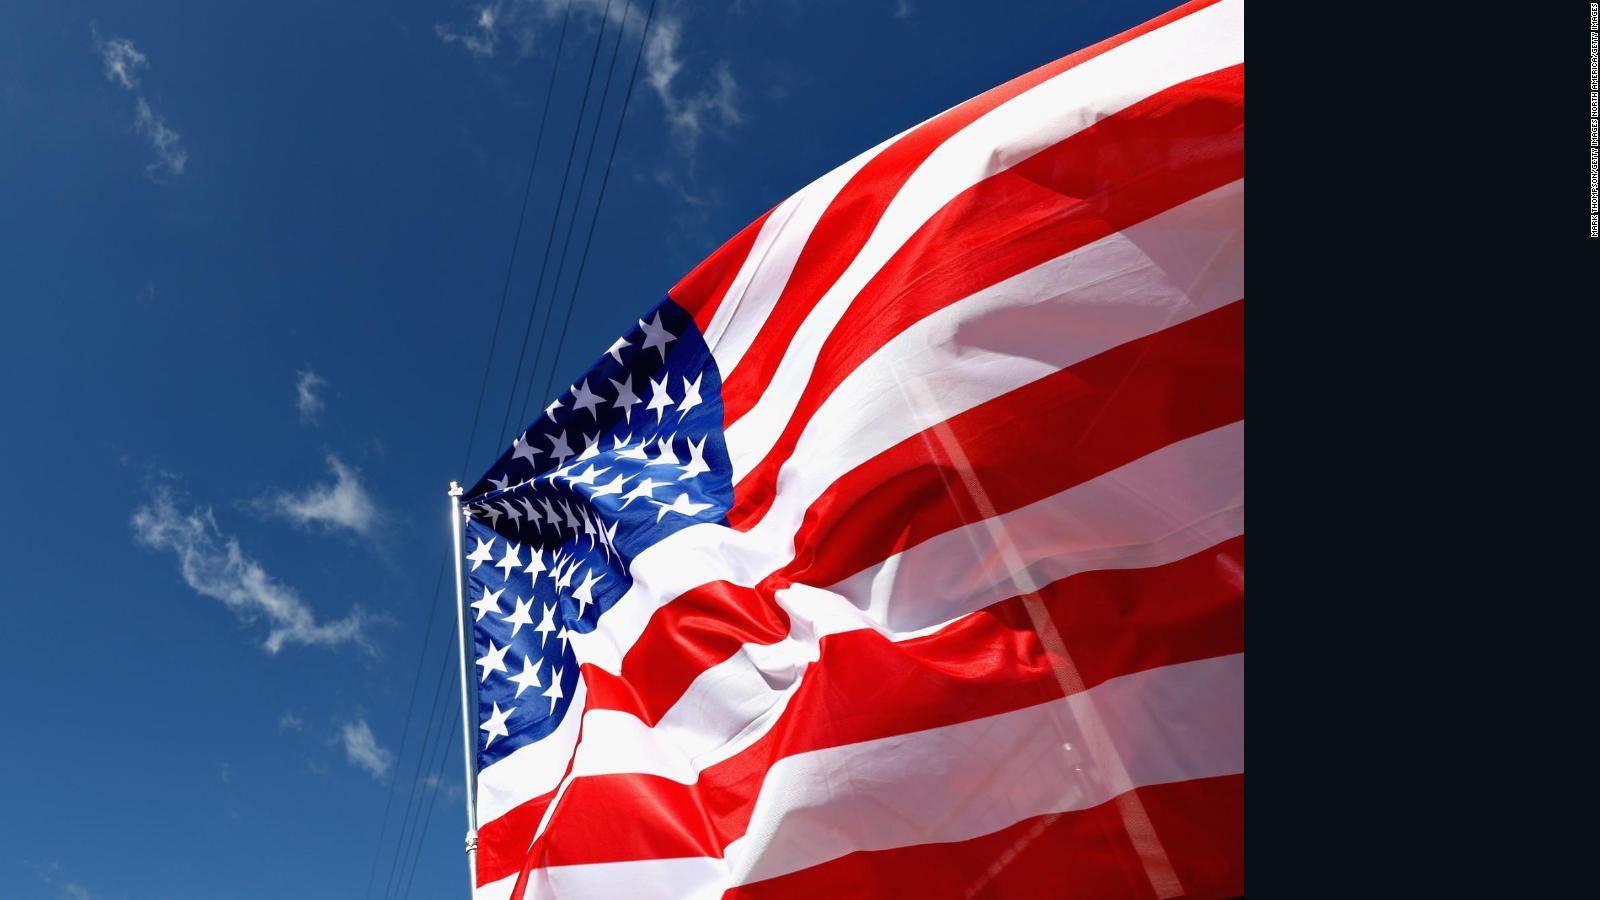 Dia De Los Presidentes 4 De Julio Y Mas Estos Son Los Dias Feriados En Estados Unidos En 2020 Cnn